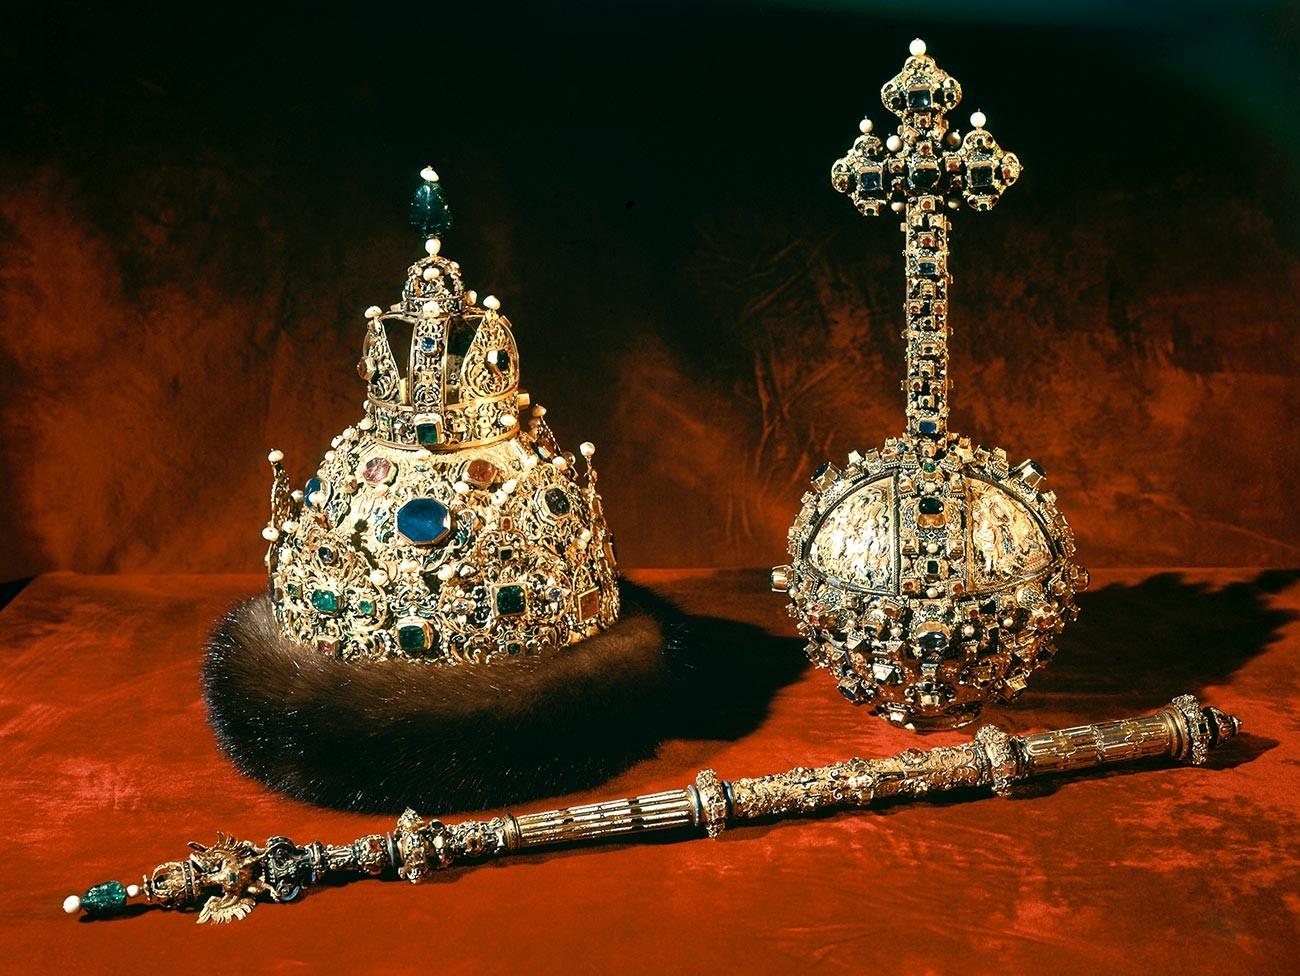 """Круна, скиптар и держава, део """"Великих одора"""" цара Михаила Романова (израђених 1627-1628). Оружејна палата Московског Кремља."""